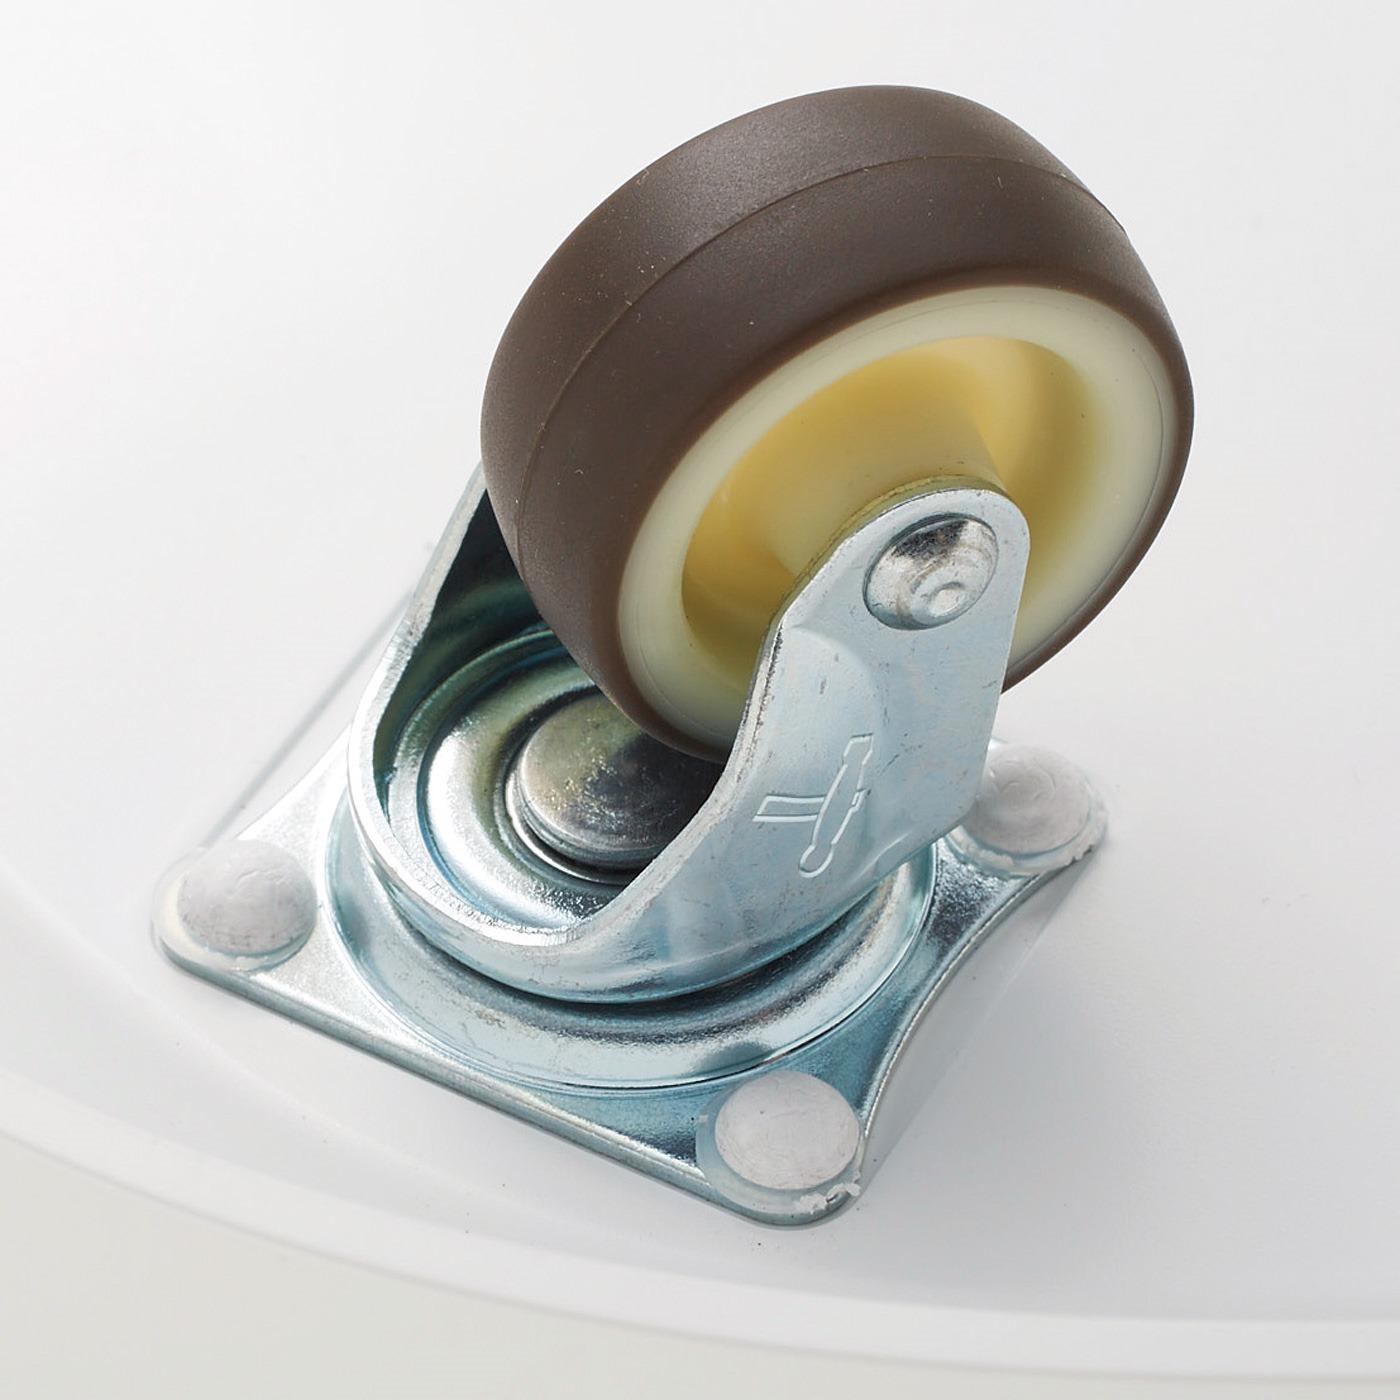 床面を傷つけにくく、音の静かな360°回転キャスター(4個)付き。